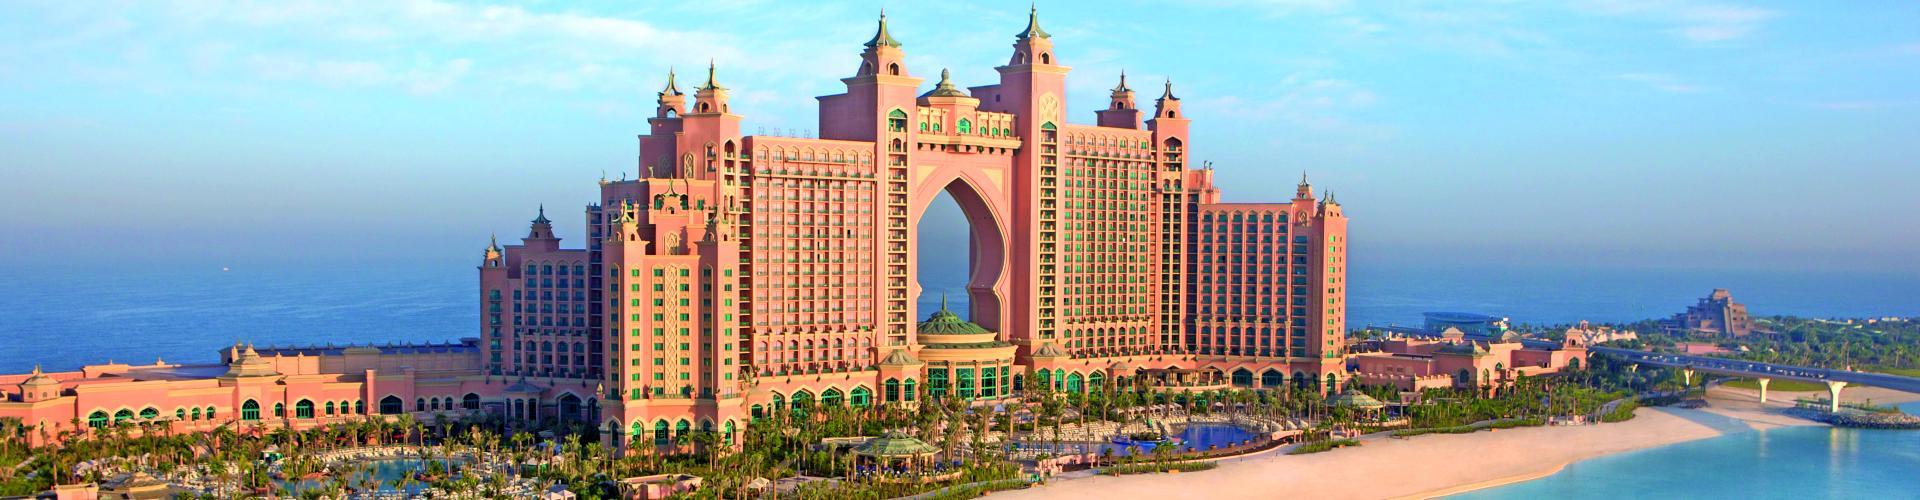 Hotel Atlantis, Dubai Palme